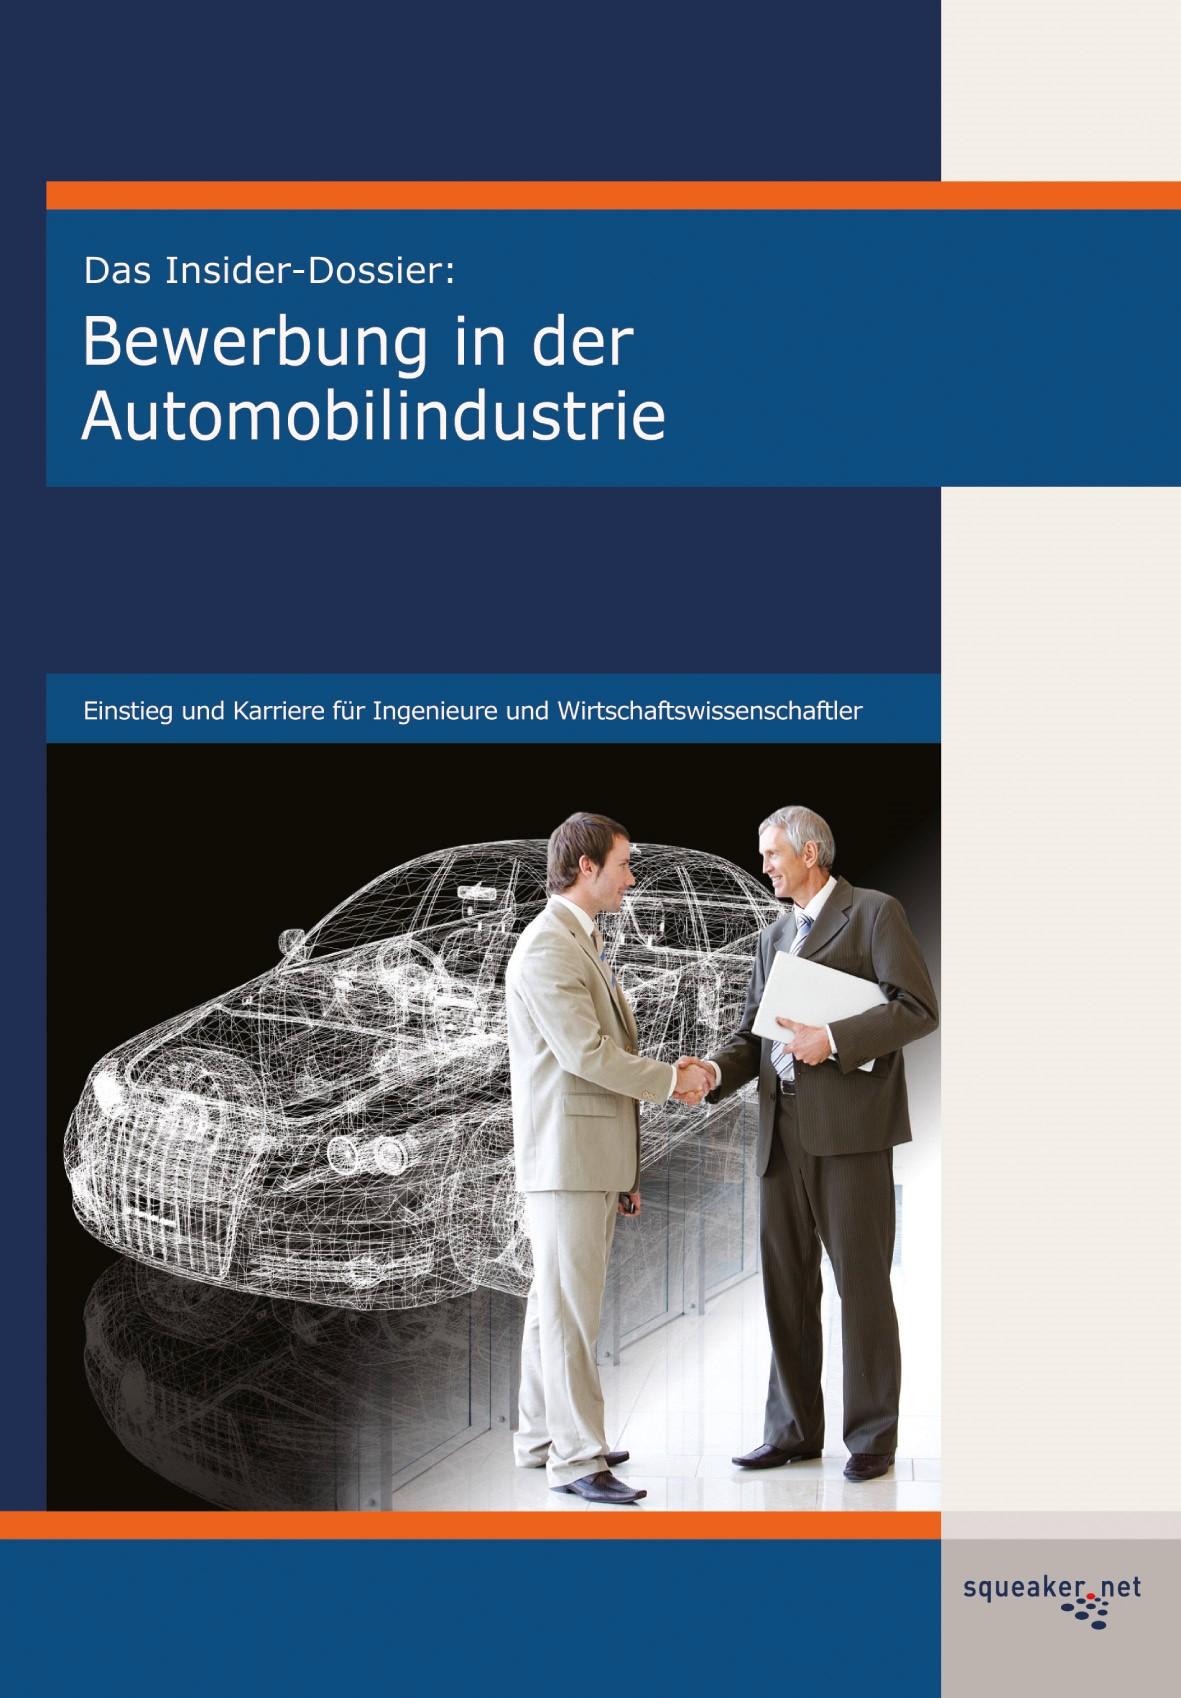 Das Insider-Dossier: Bewerbung in der Automobilindustrie   Schäfer / Krzykowski, 2011   Buch (Cover)